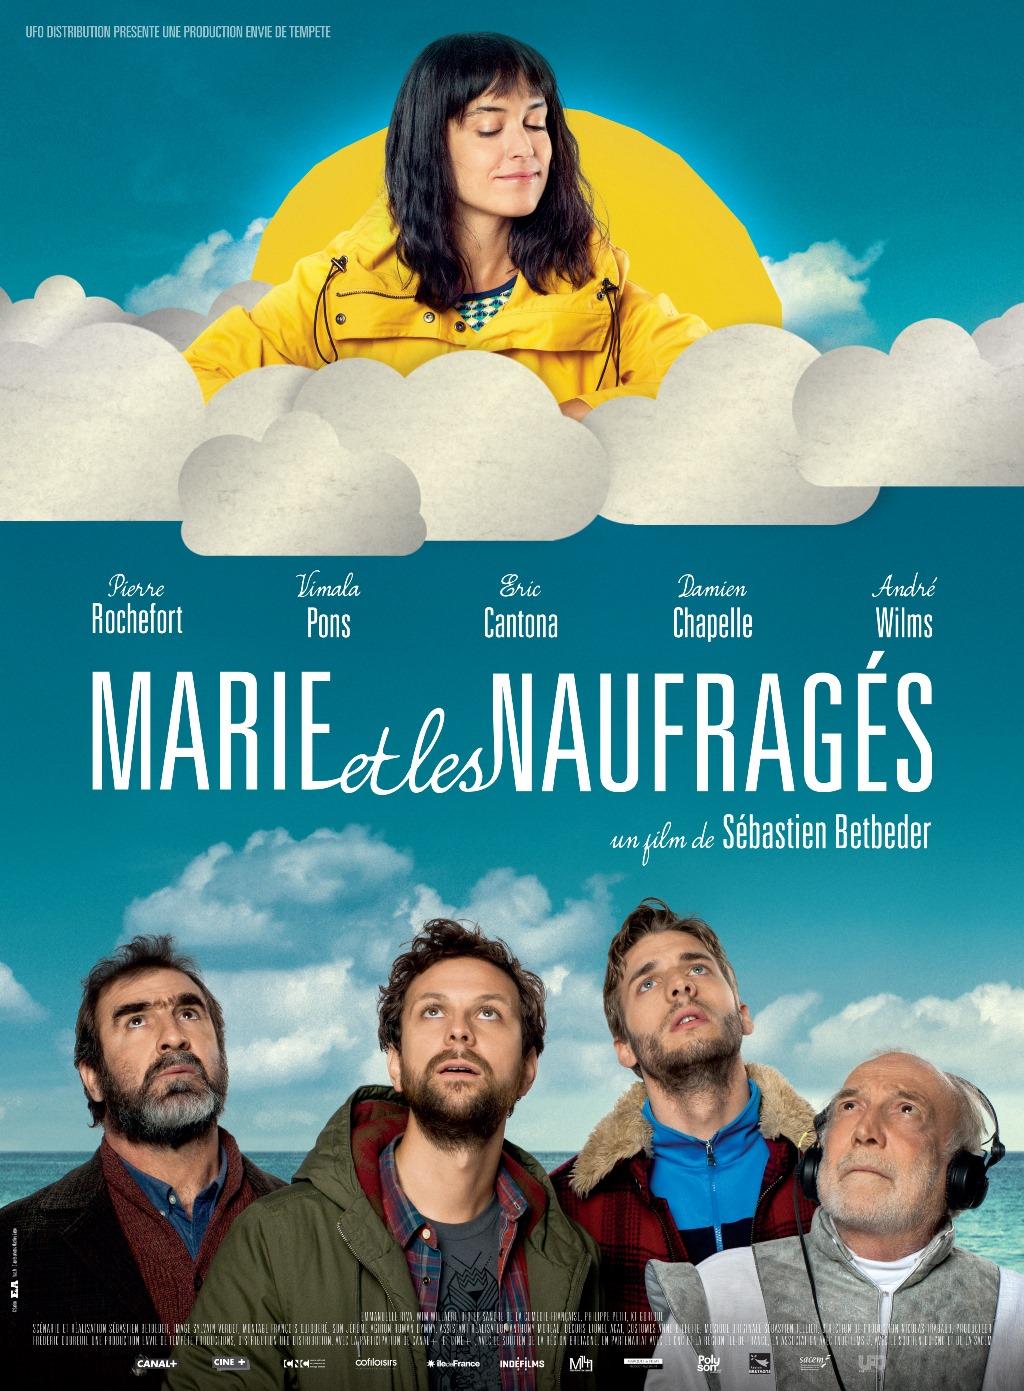 Marie et les naufragés FRENCH DVDRIP x264 2017